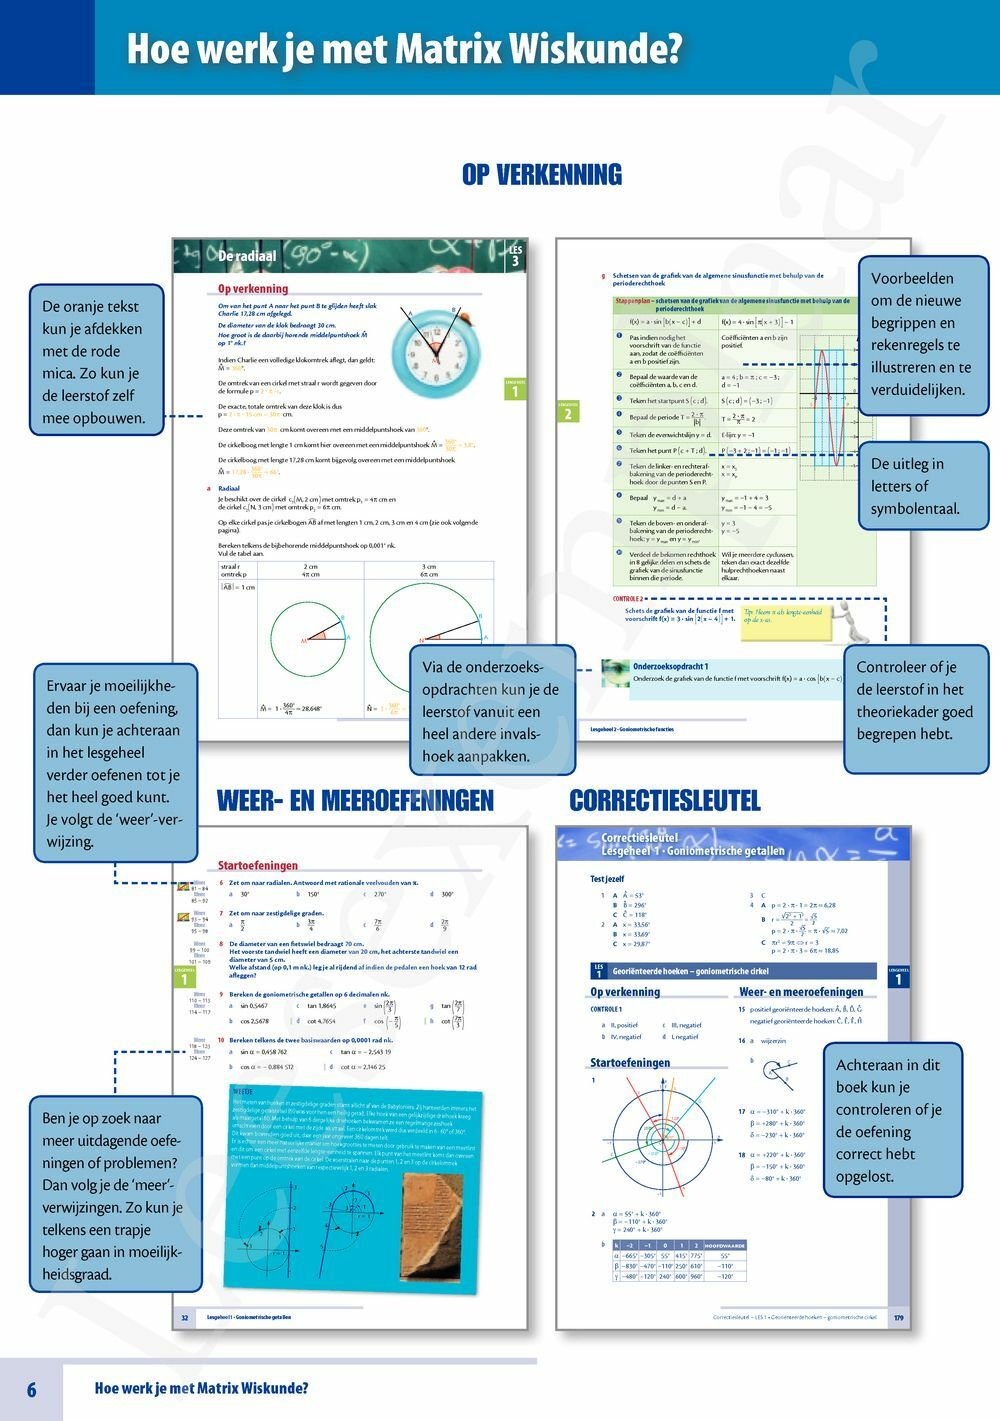 Preview: Matrix Wiskunde 5/6 goniometrische functies 3 & 4 uur wiskunde tekstboek (inclusief uitgebreide online correctiesleutel)